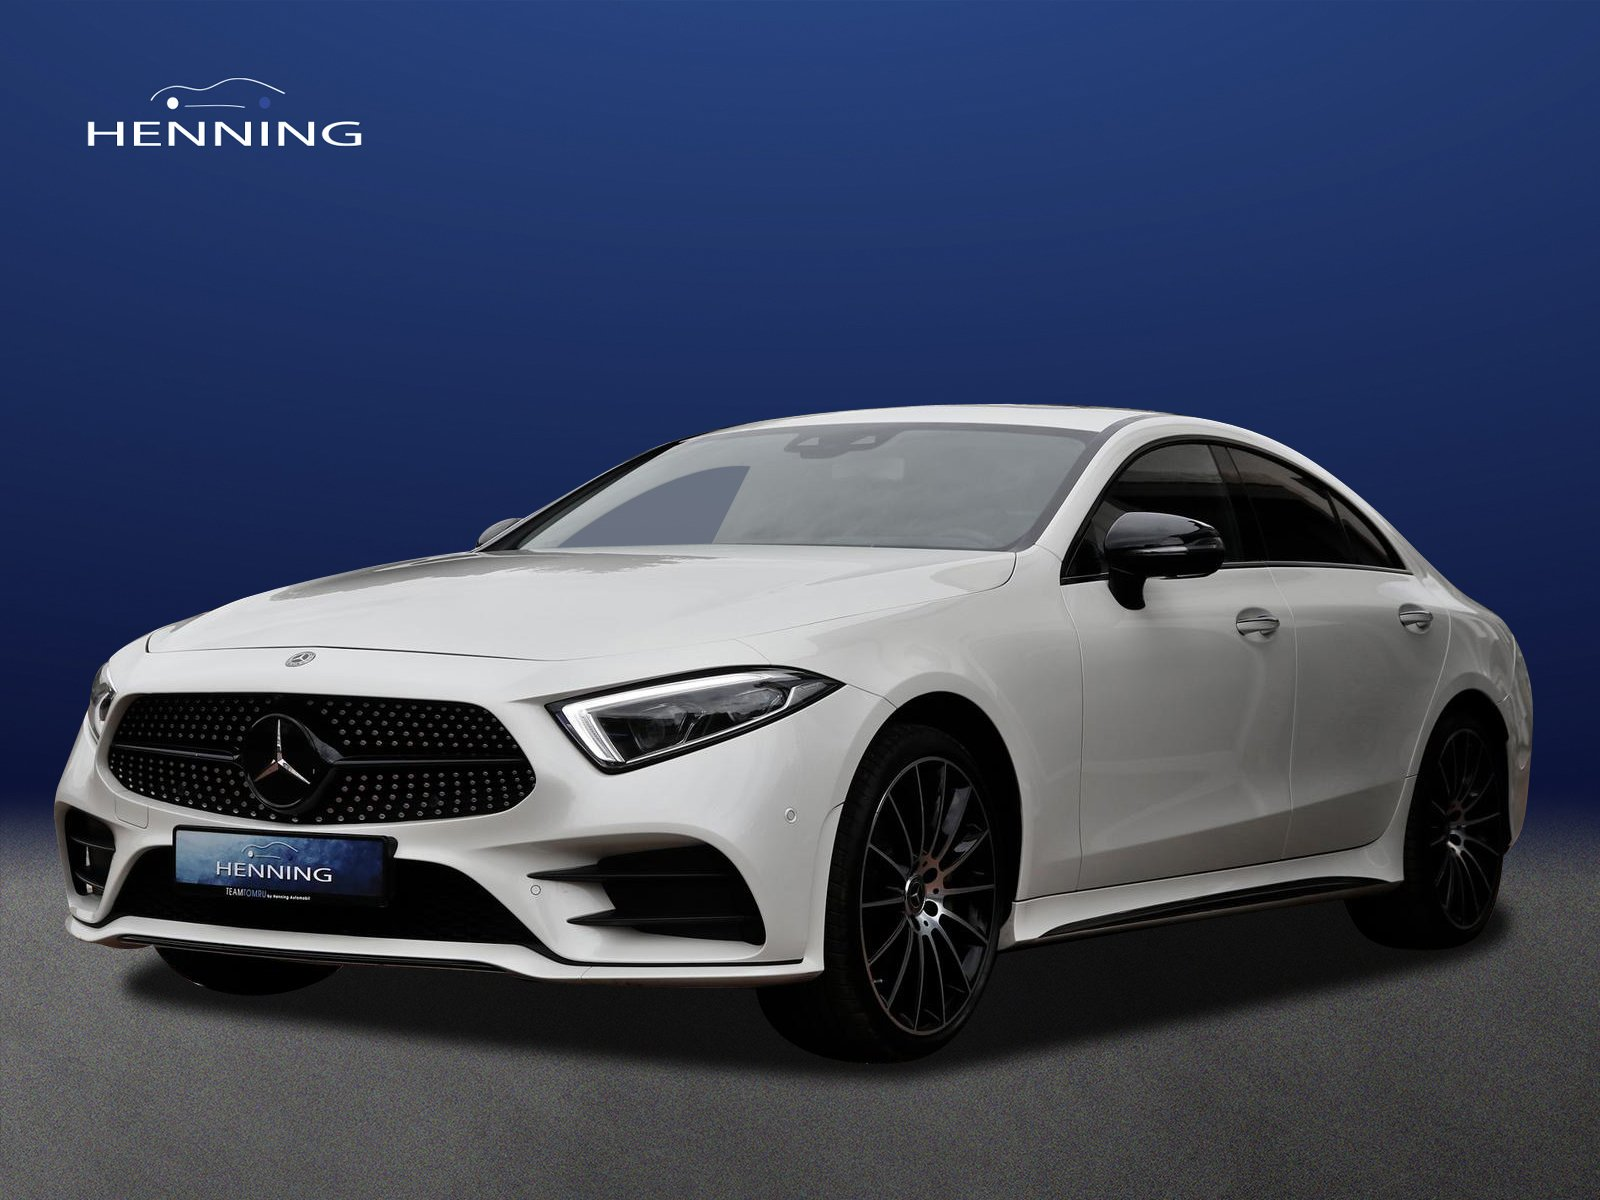 Mercedes-Benz CLS 450 4M+ AMG Widsc. Schiebedach Multib. Keyl., Jahr 2018, Benzin